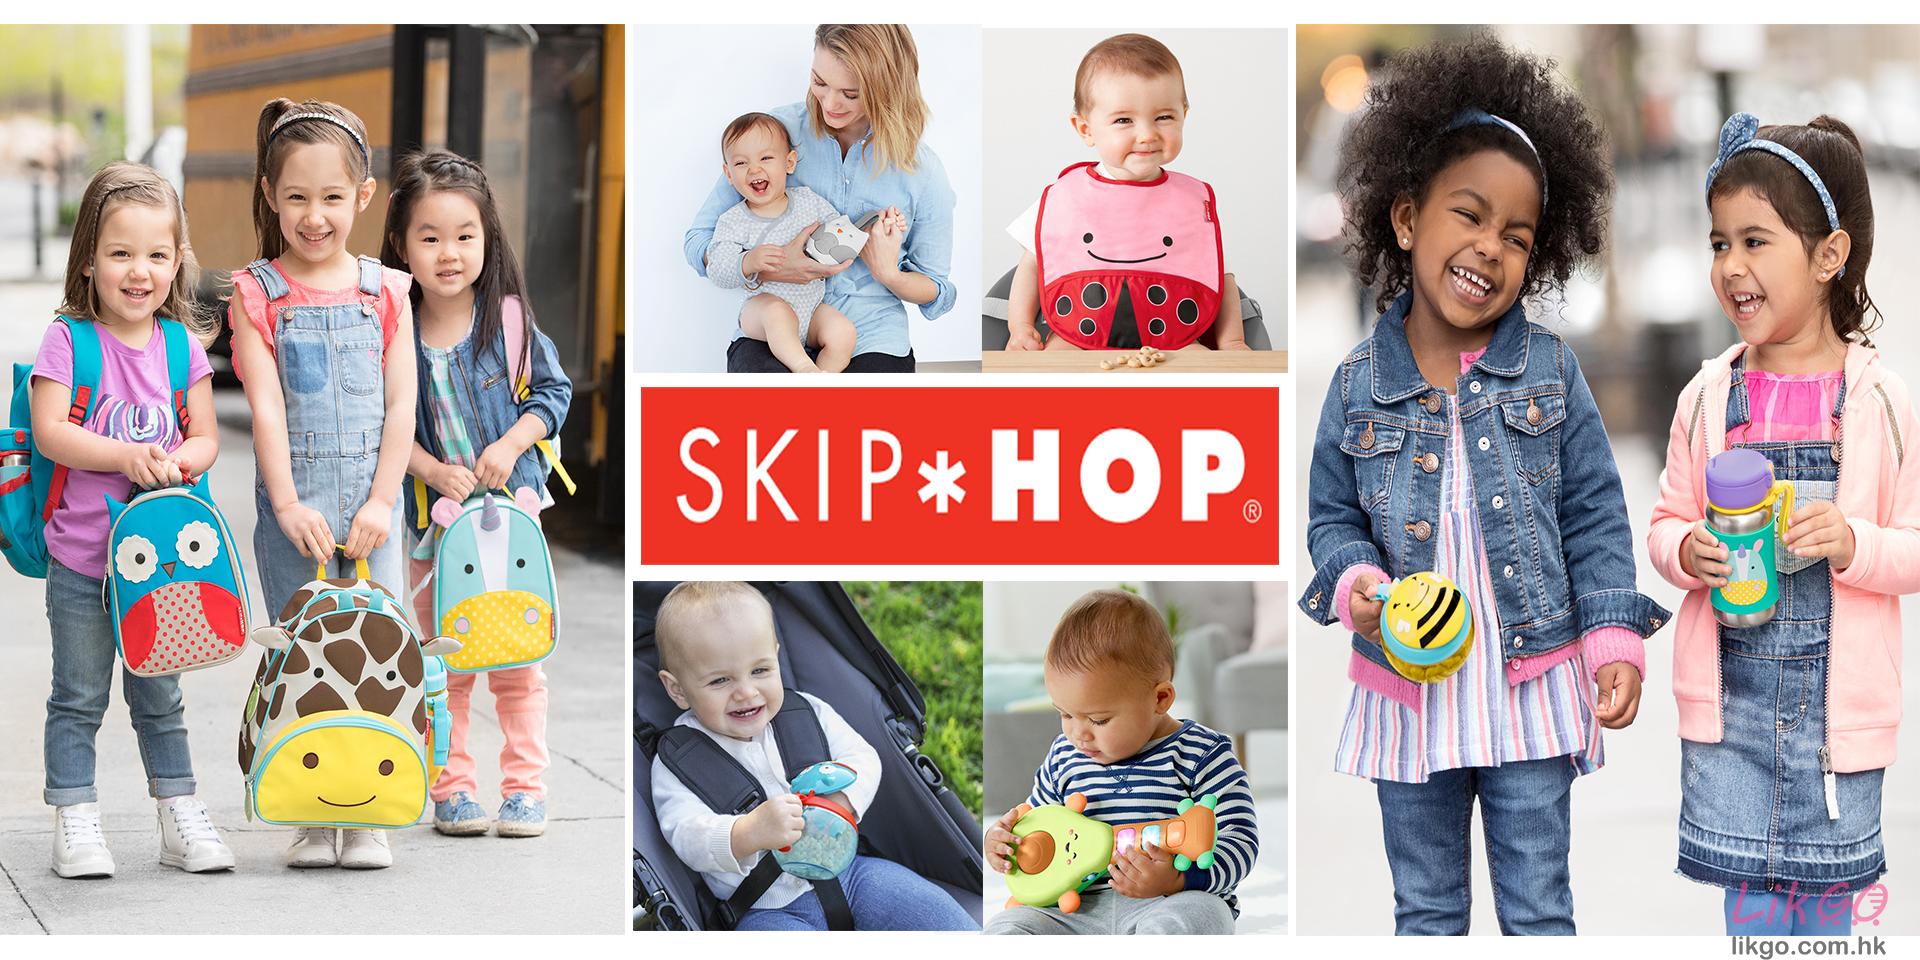 LikGo - 美國SKIP HOP - 嬰幼兒用品、孕婦用品專門店